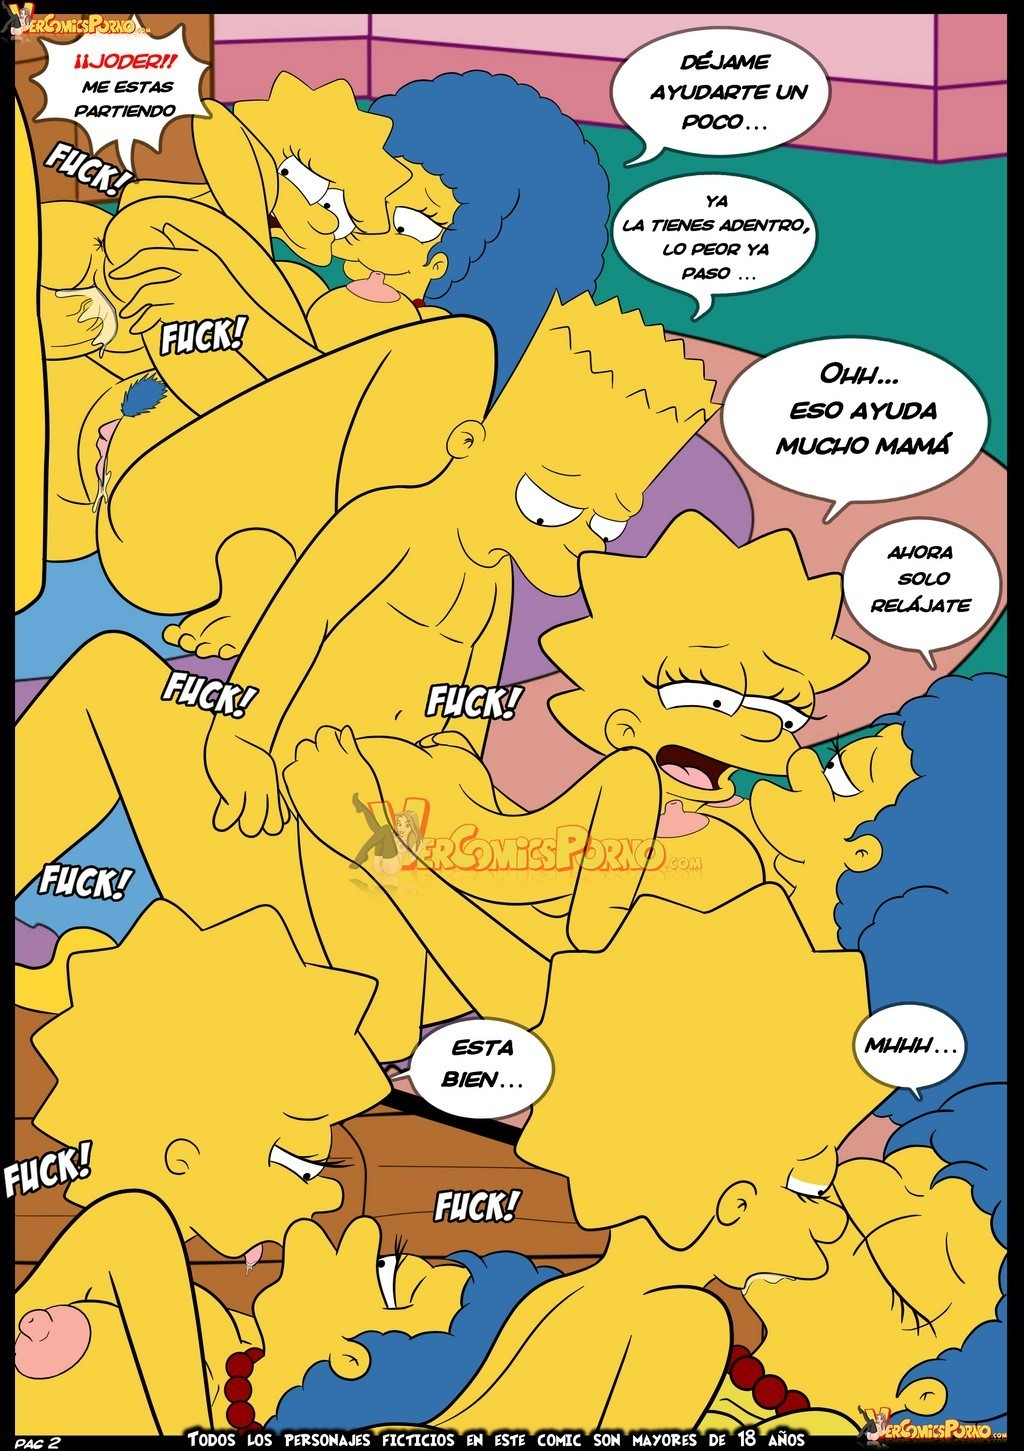 SimpsoRama-03.jpg comic porno